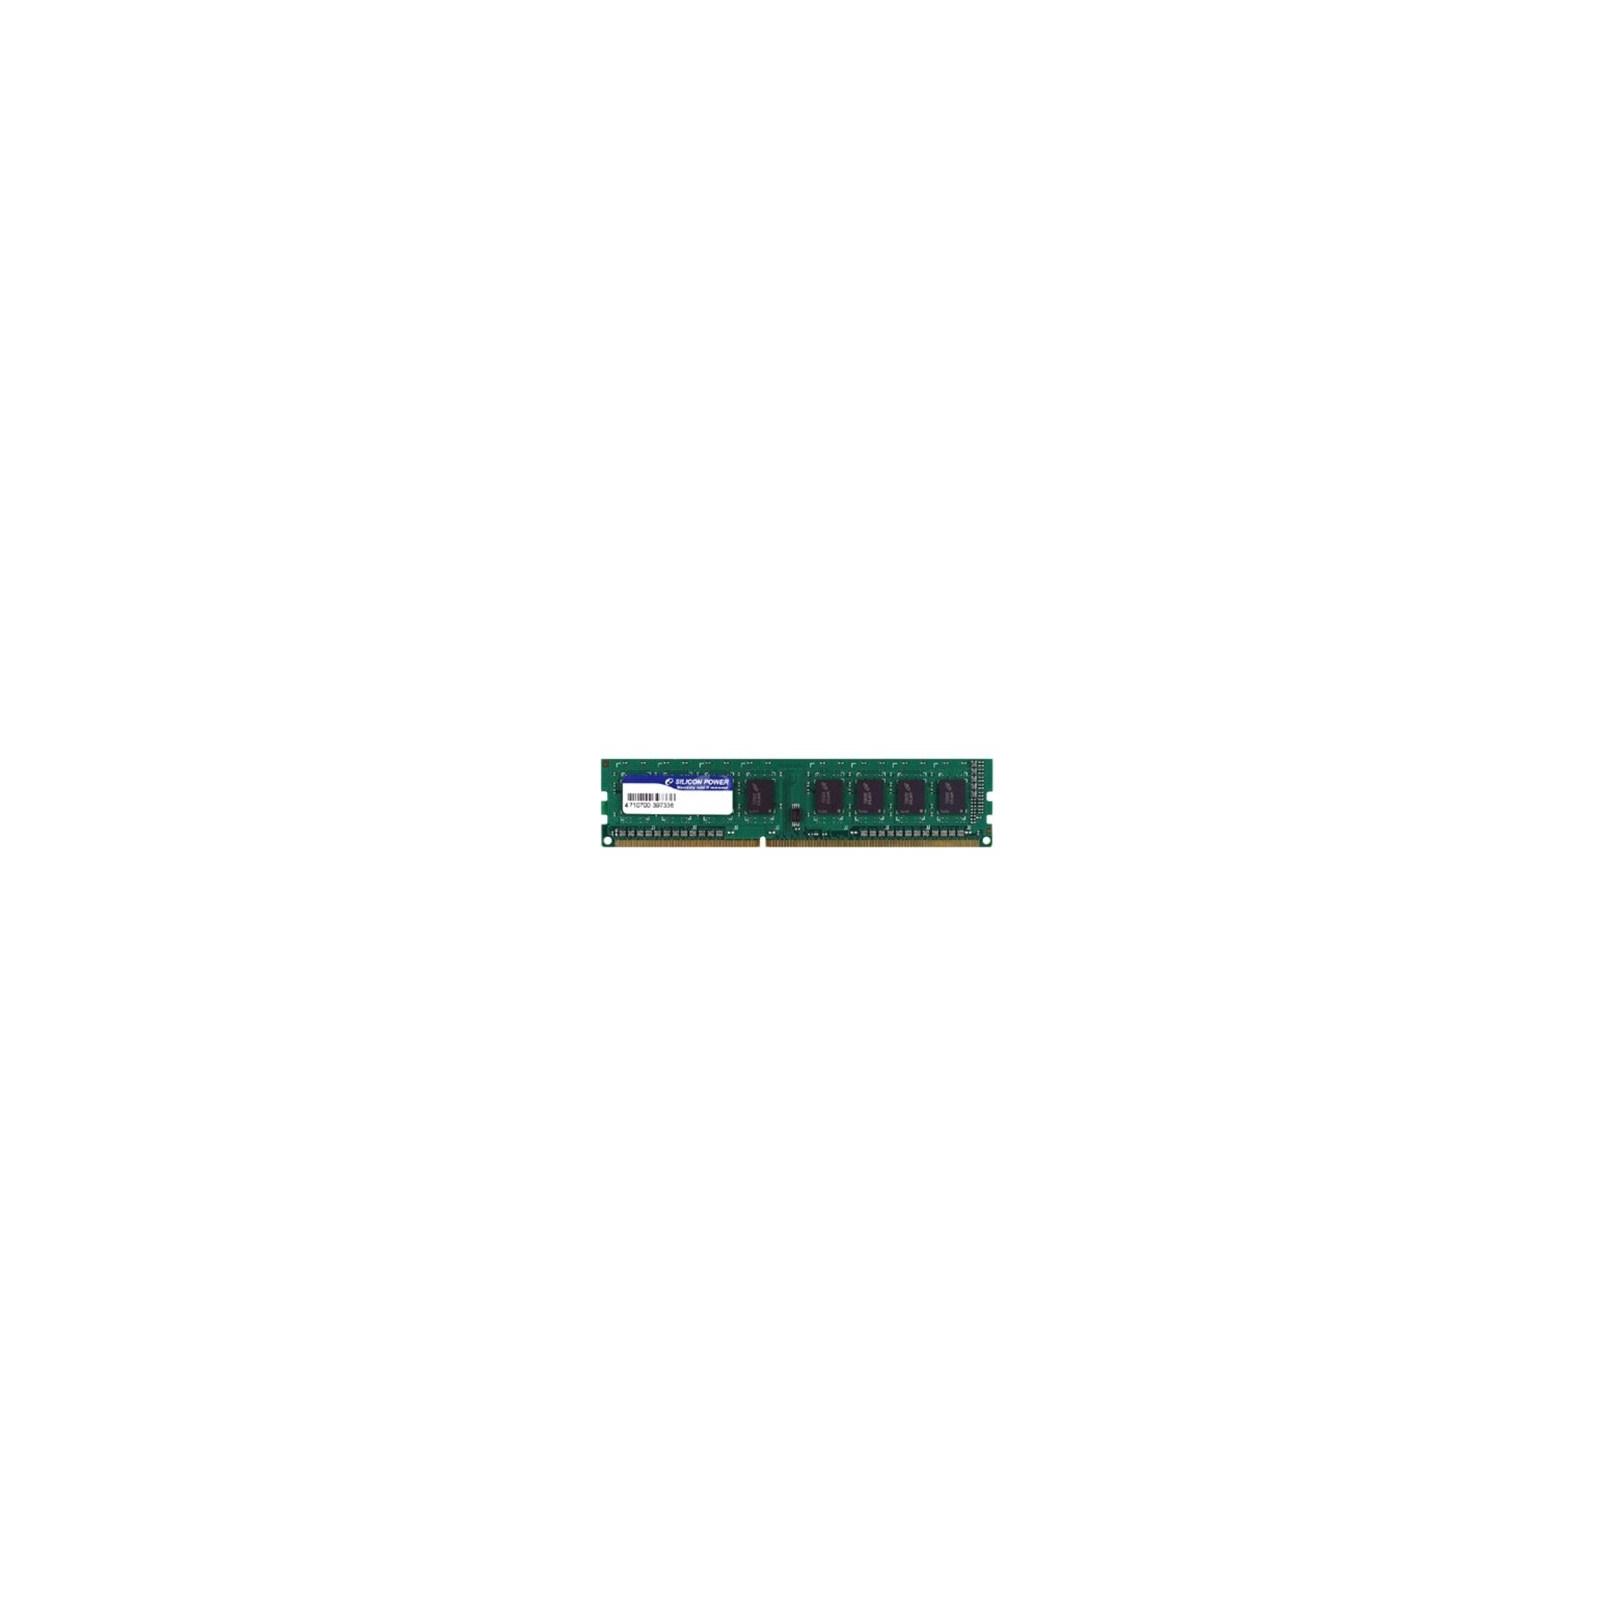 Модуль памяти для компьютера DDR3 8GB 1600 MHz Silicon Power (SP008GBLTU160N01 / SP008GBLTU160N02)